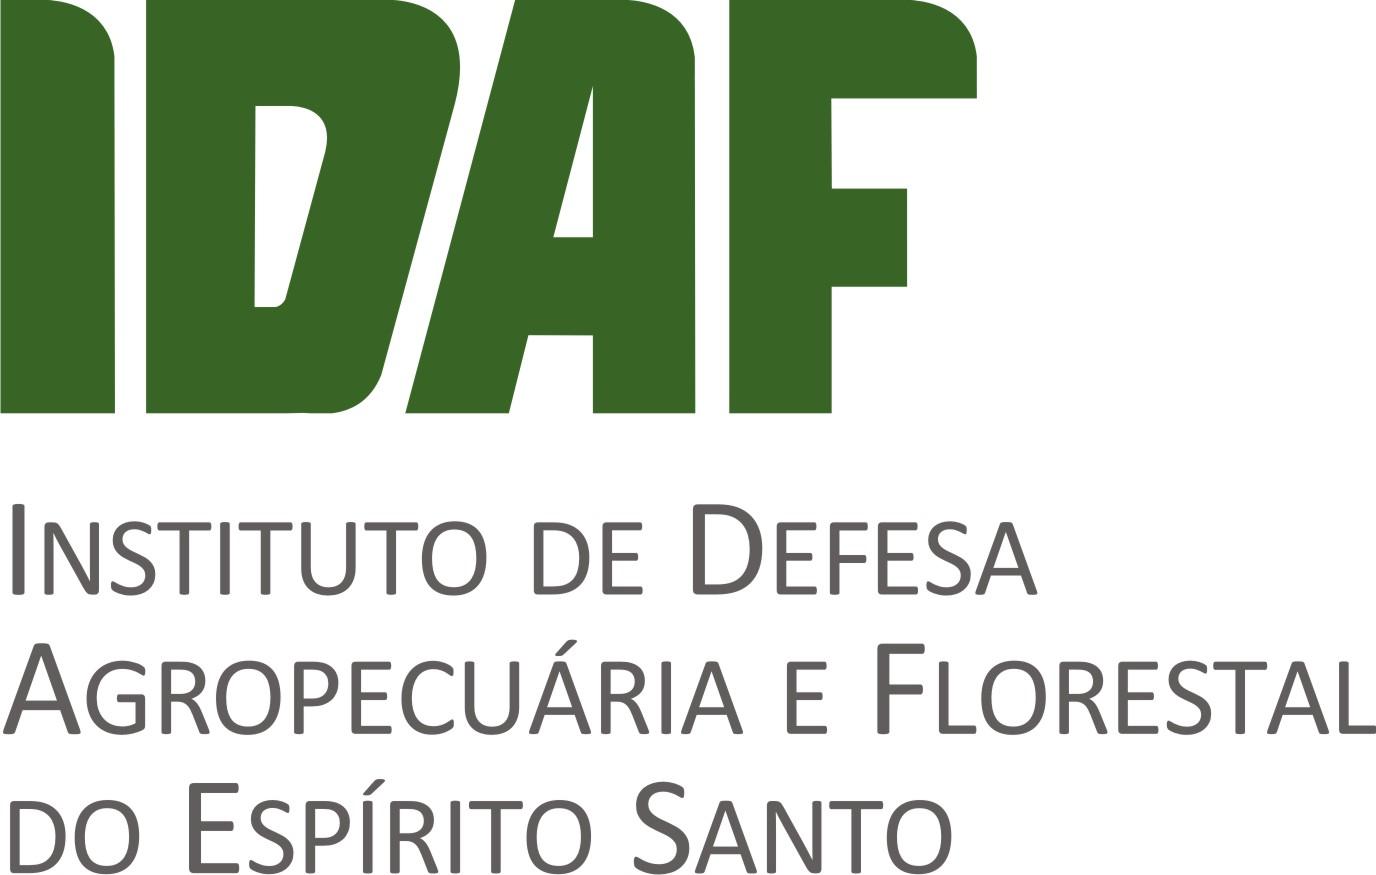 IDAF - Instituto de Defesa Agropecuária e Florestal do Espírito Santo